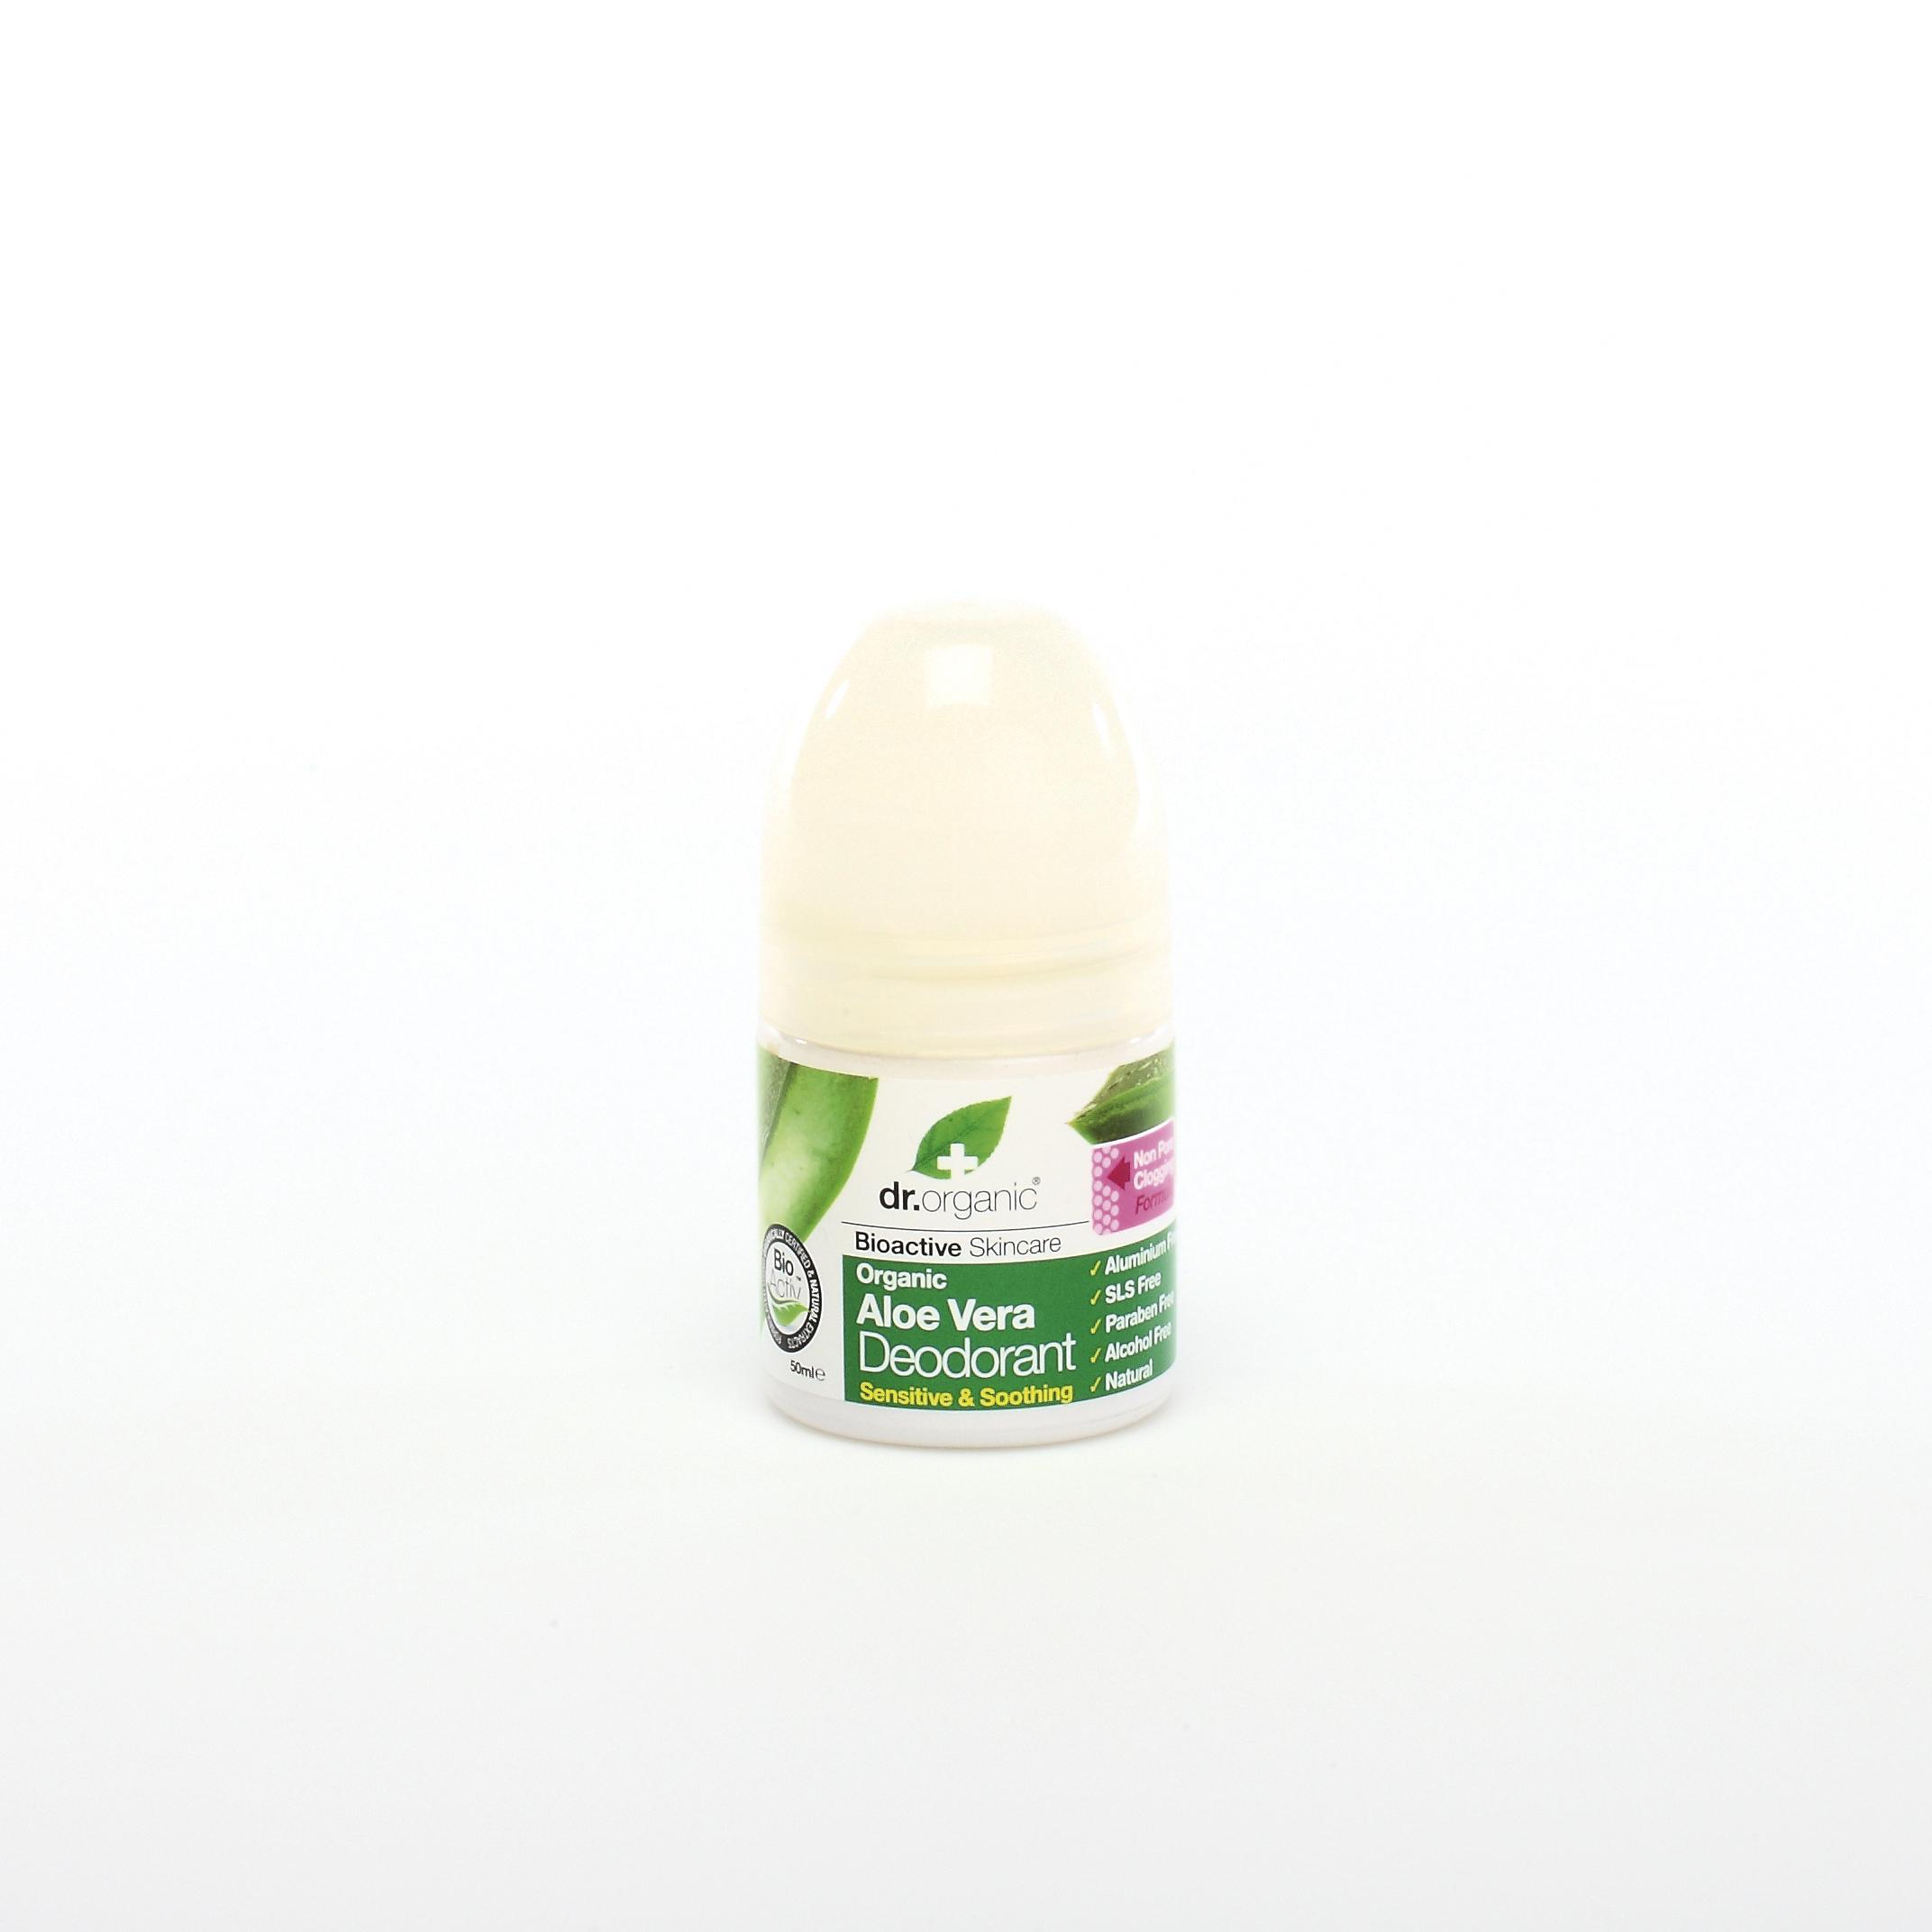 Dr. Organic Desodorante de Aloe Vera